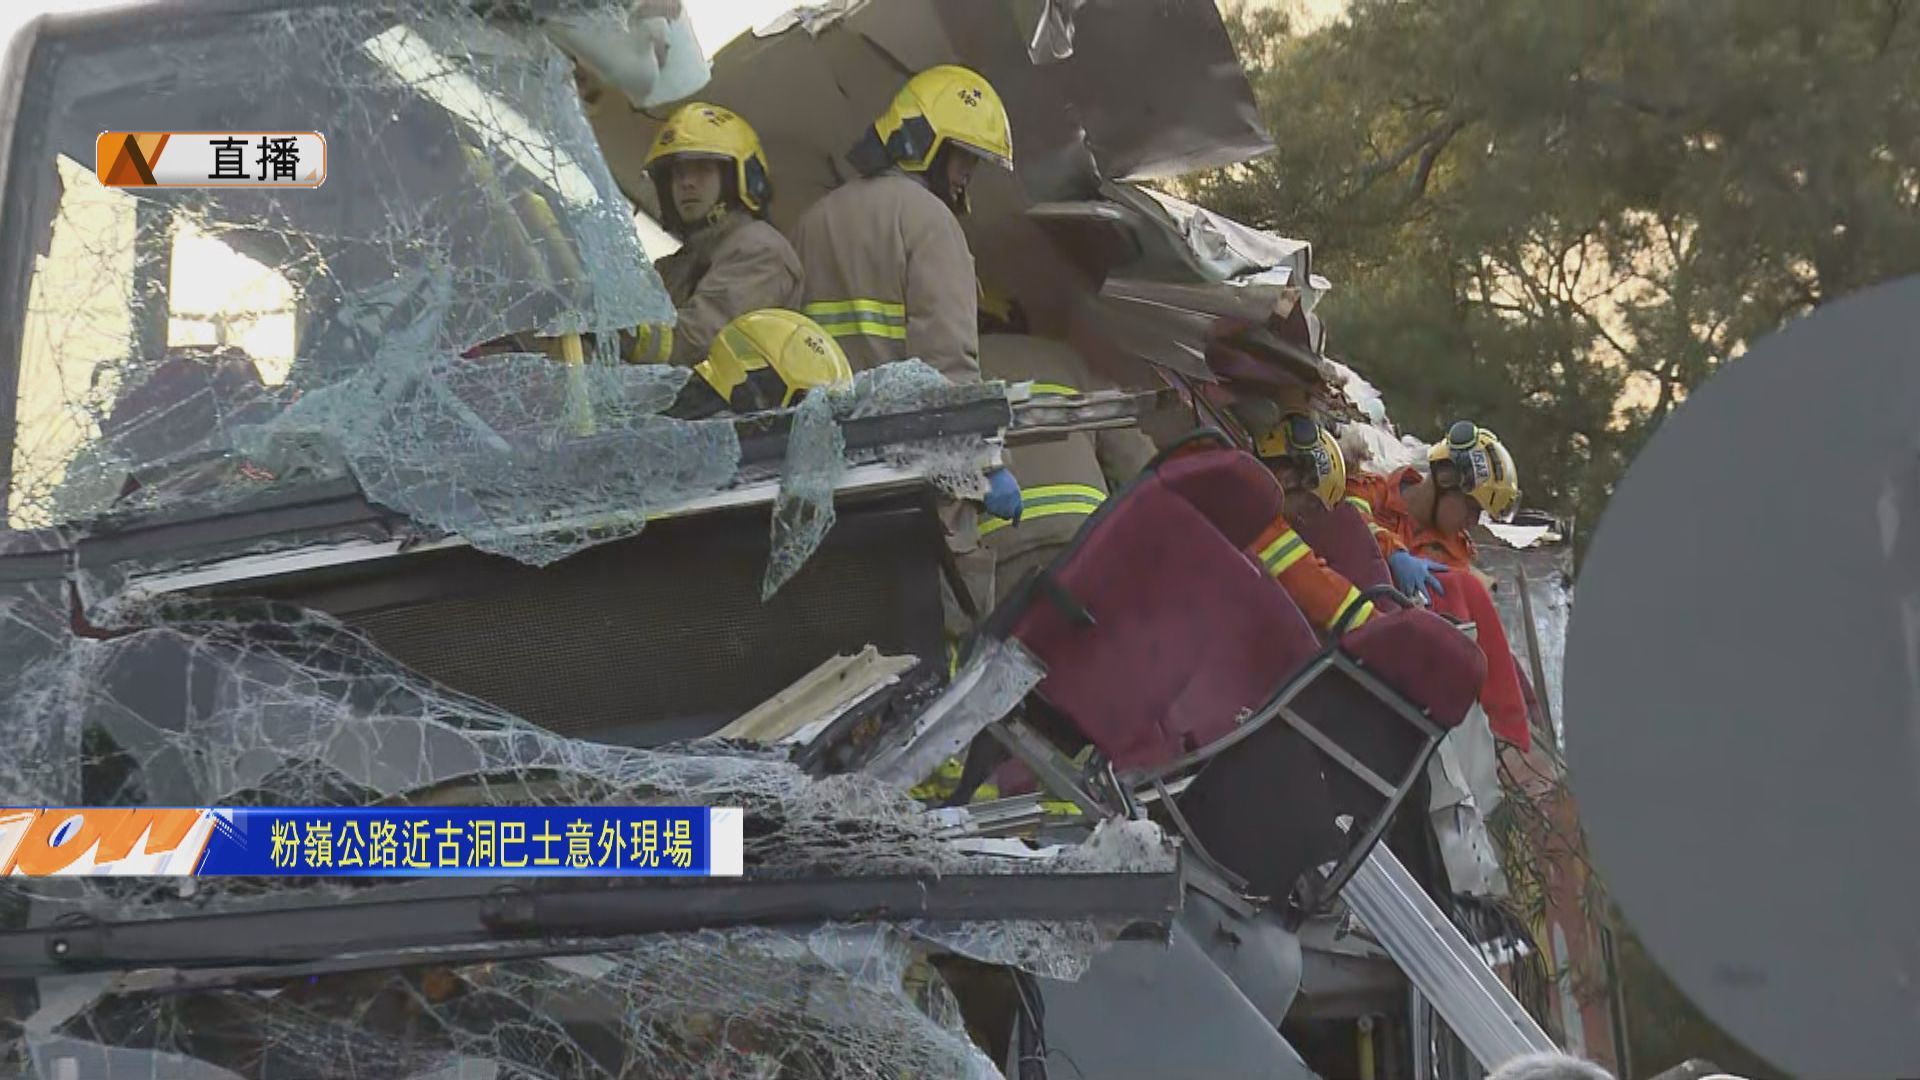 【最新‧多圖】粉嶺公路巴士懷疑撞樹 至少5死約30傷